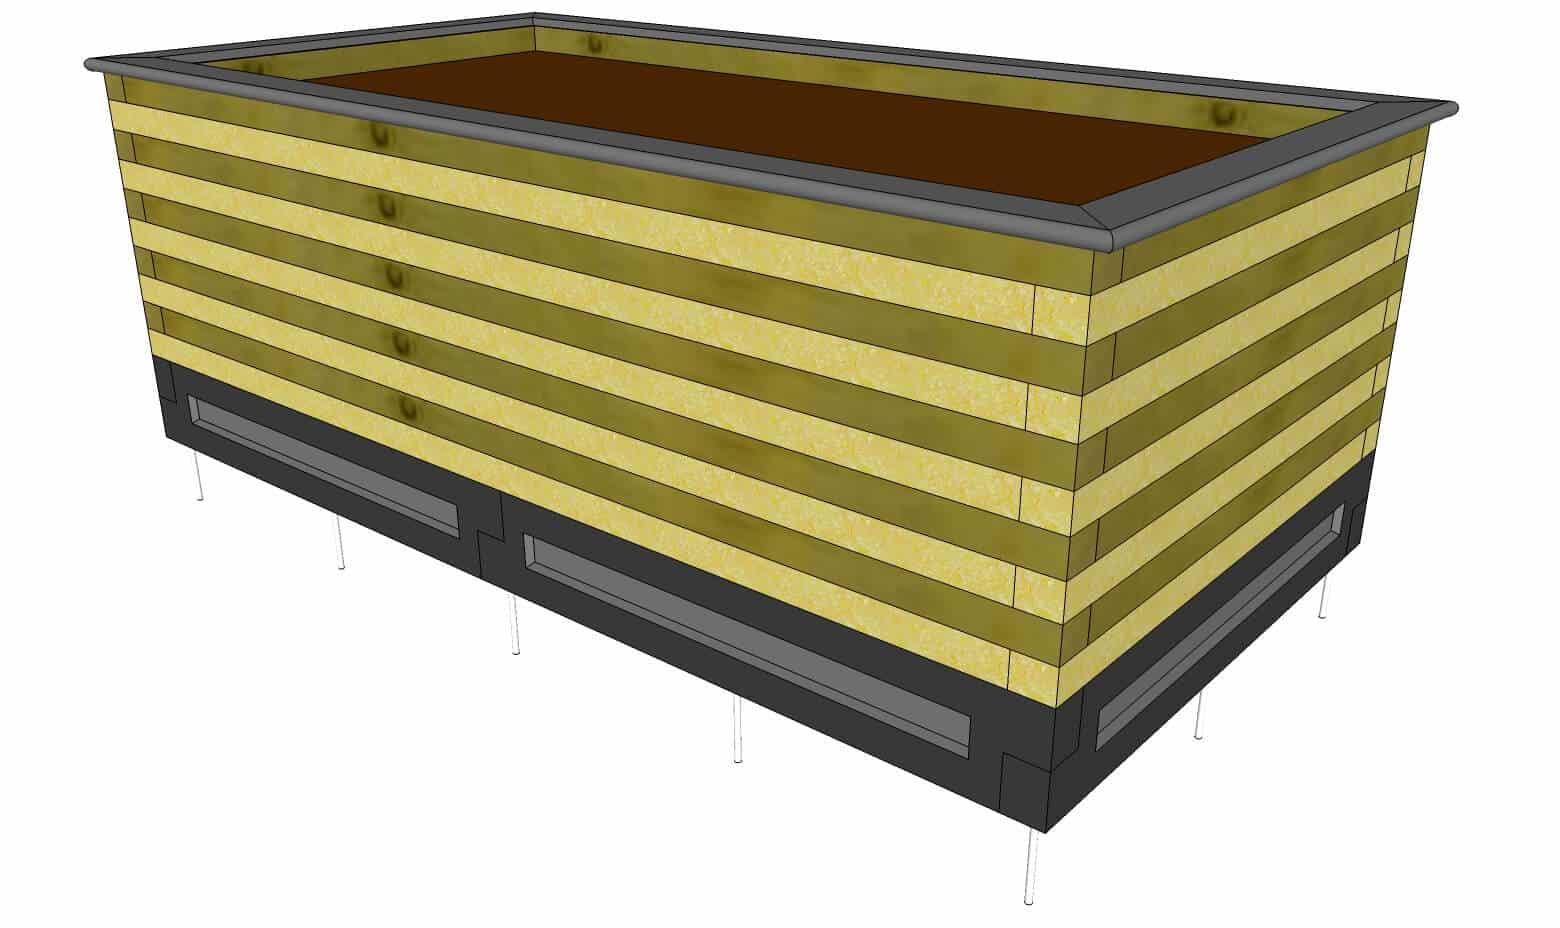 Pour résoudre les problèmes liés au pourrissement du bois, les potager surélevés sont maintenant posés sur une fondation en béton.